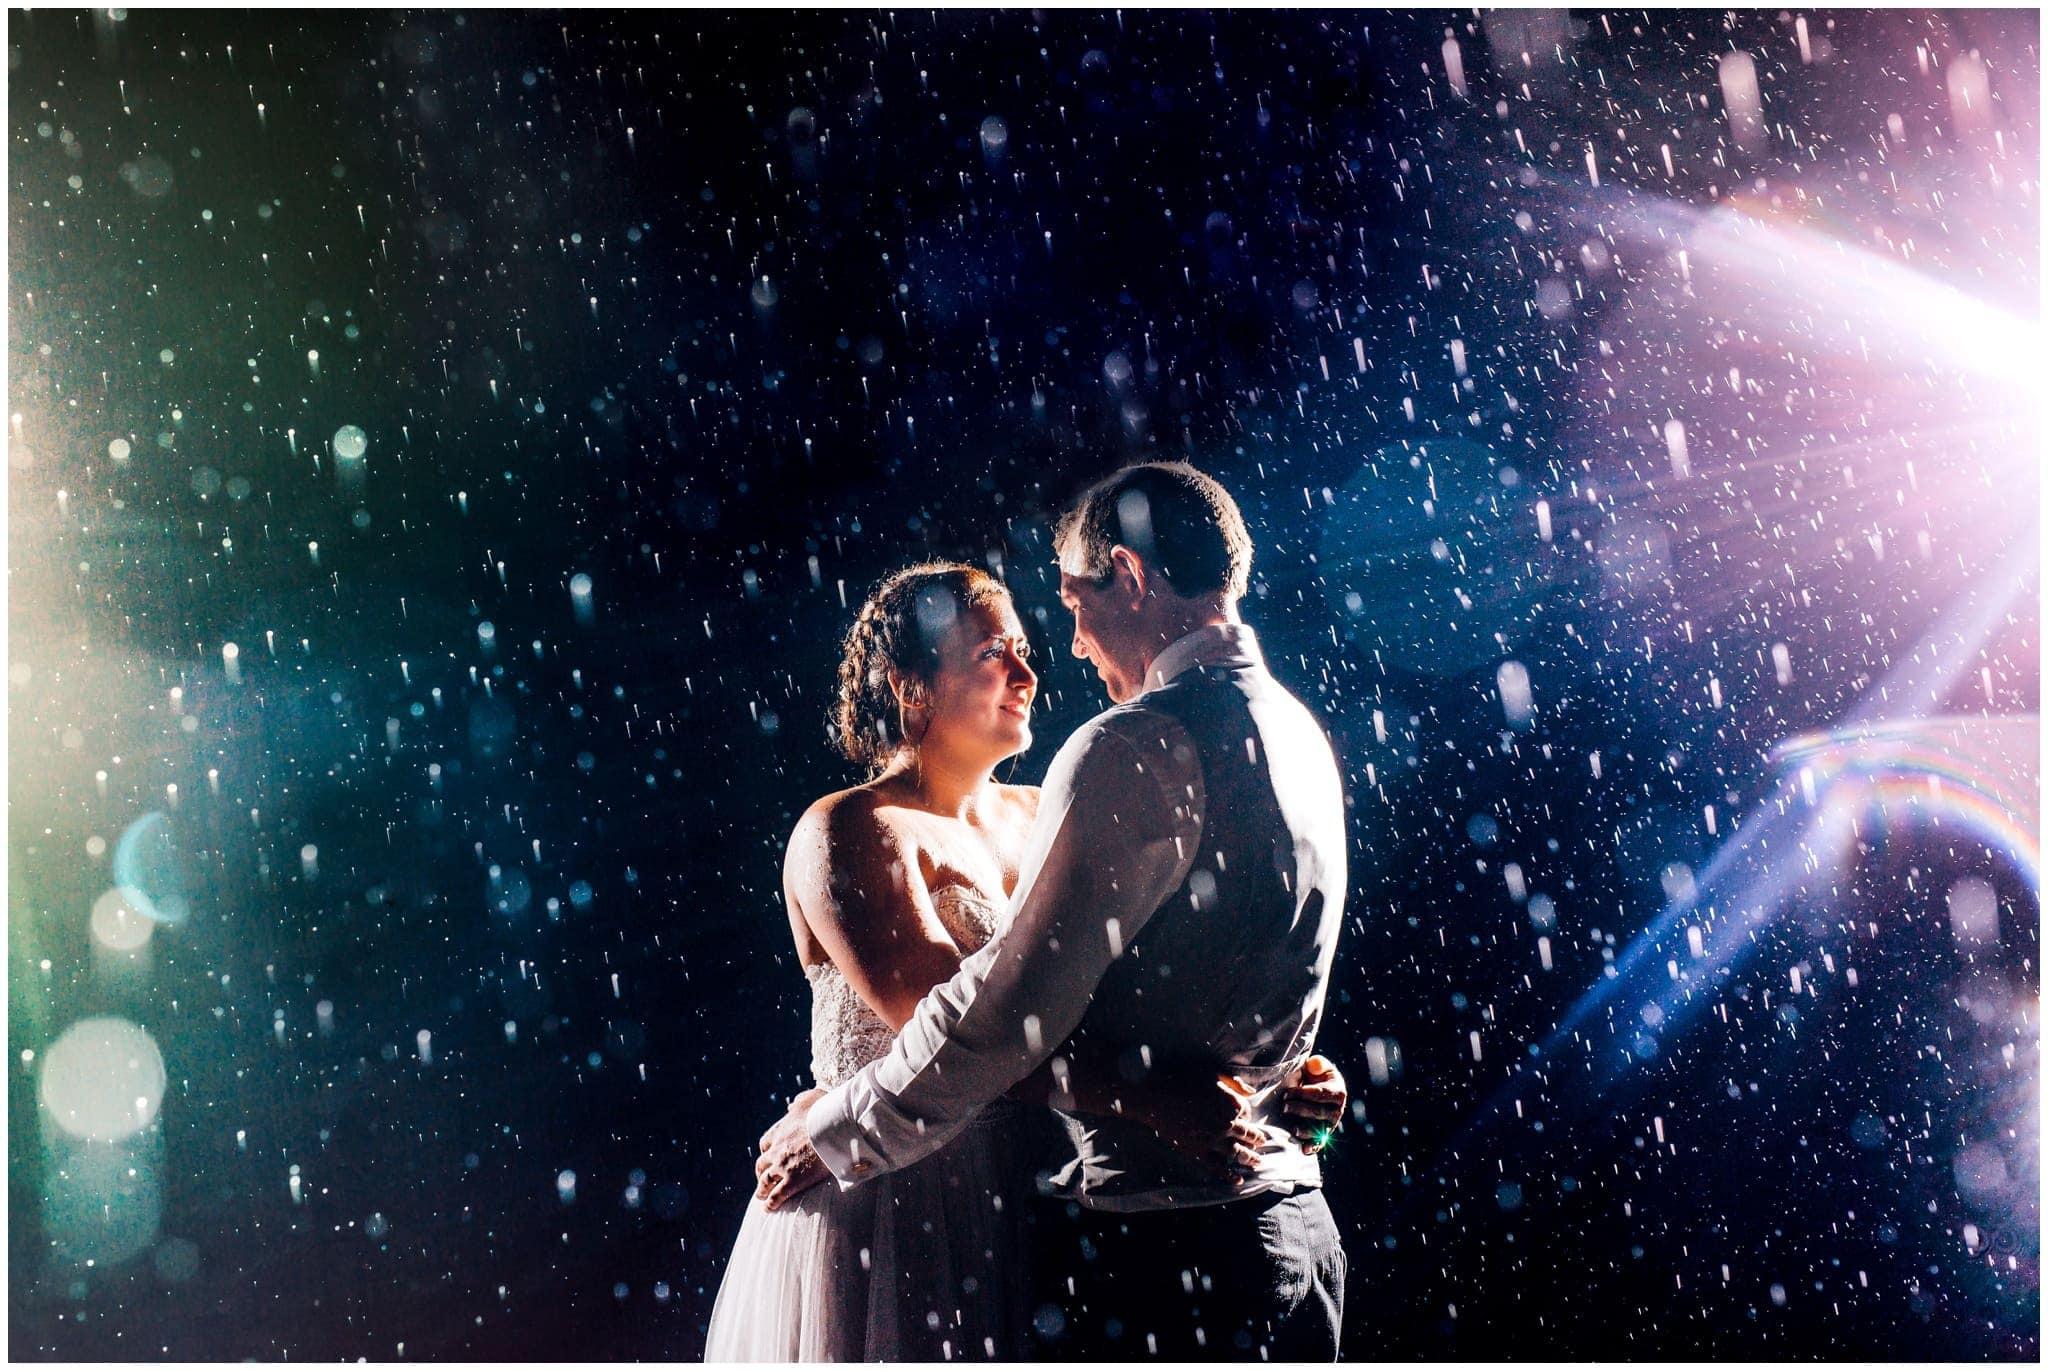 Epic Rain Wedding Photography